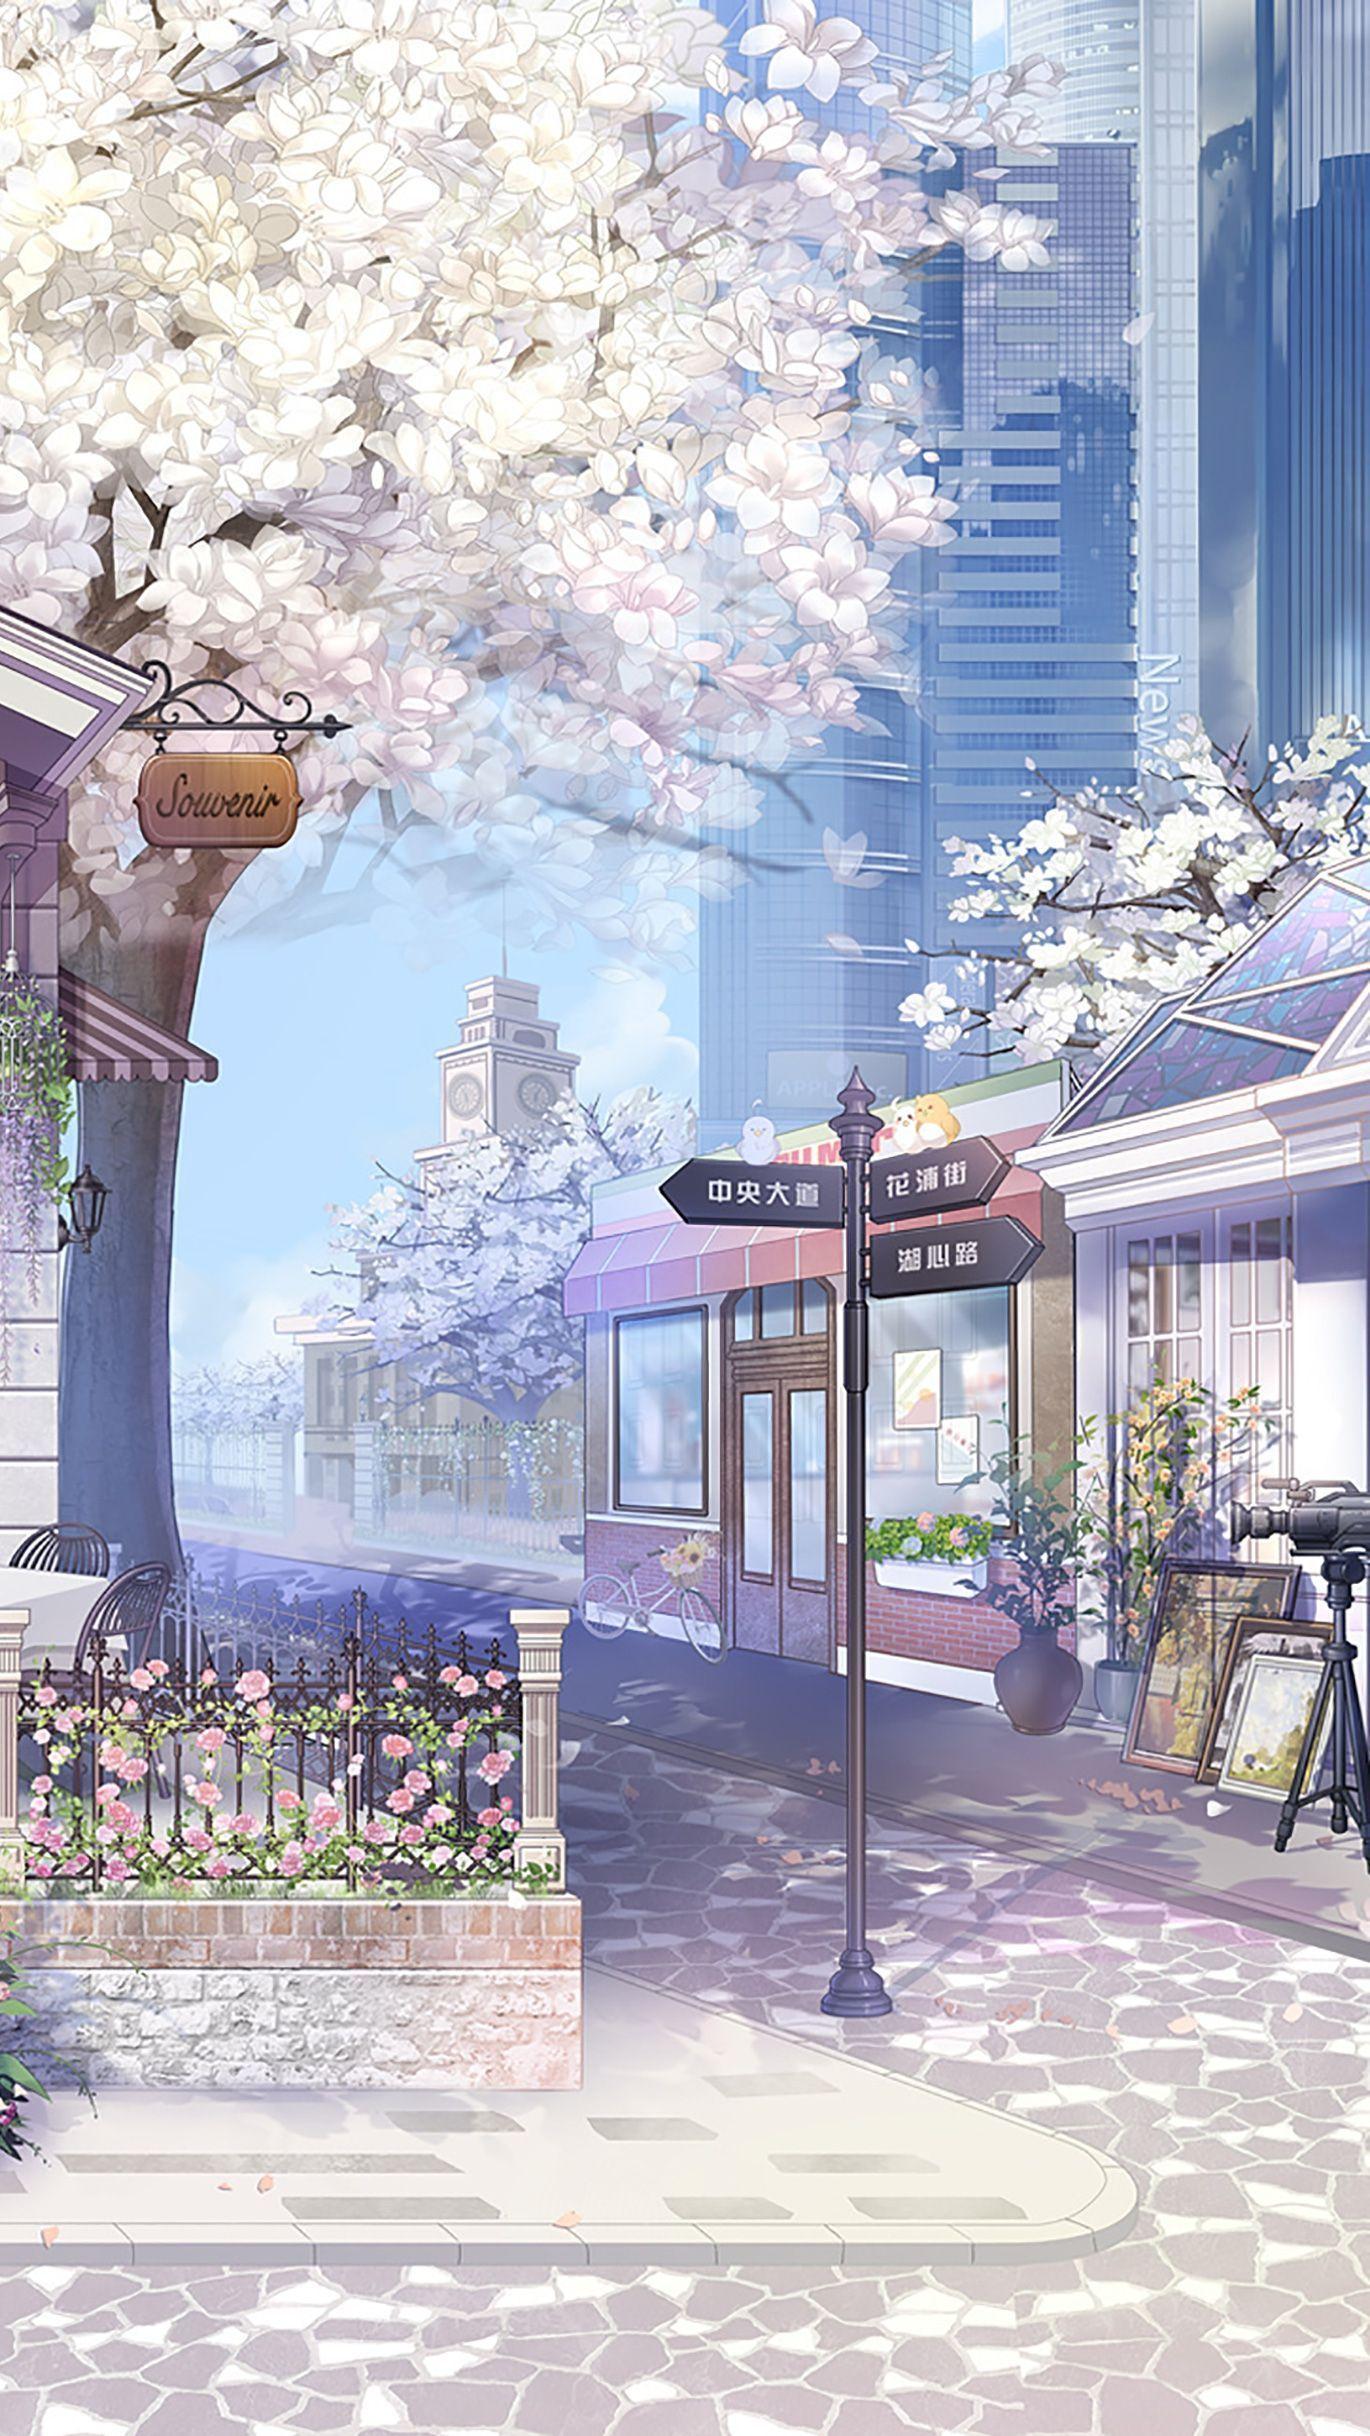 Kirschbluten Kirschbluten Schlafzimmer Einrichten Pastell Kirschbluten Kirschbluten Anime Scenery Wallpaper Anime Scenery Scenery Wallpaper Aesthetic anime background wallpaper